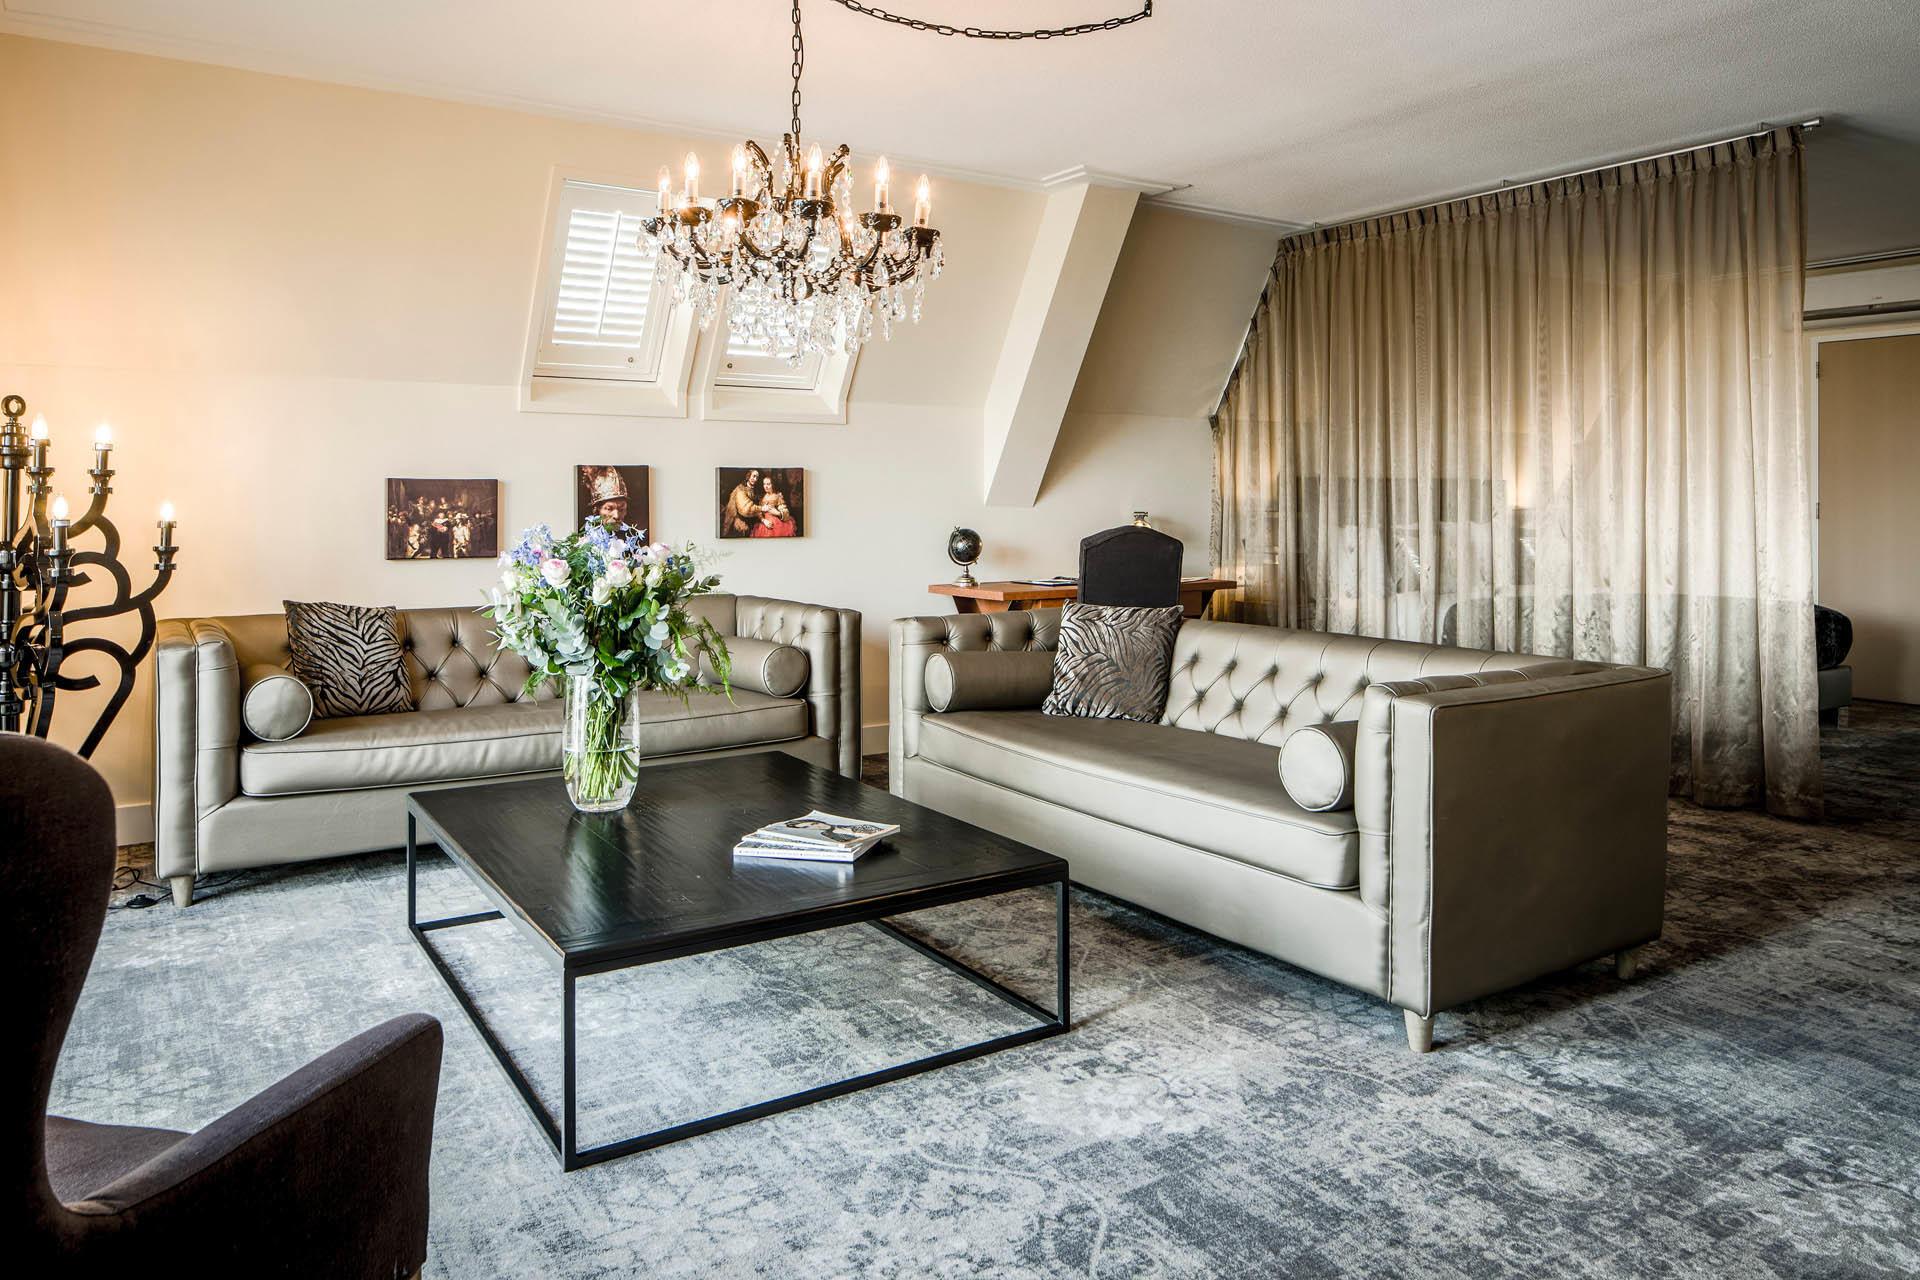 Imperial Suite at Luxury Suites Amsterdam